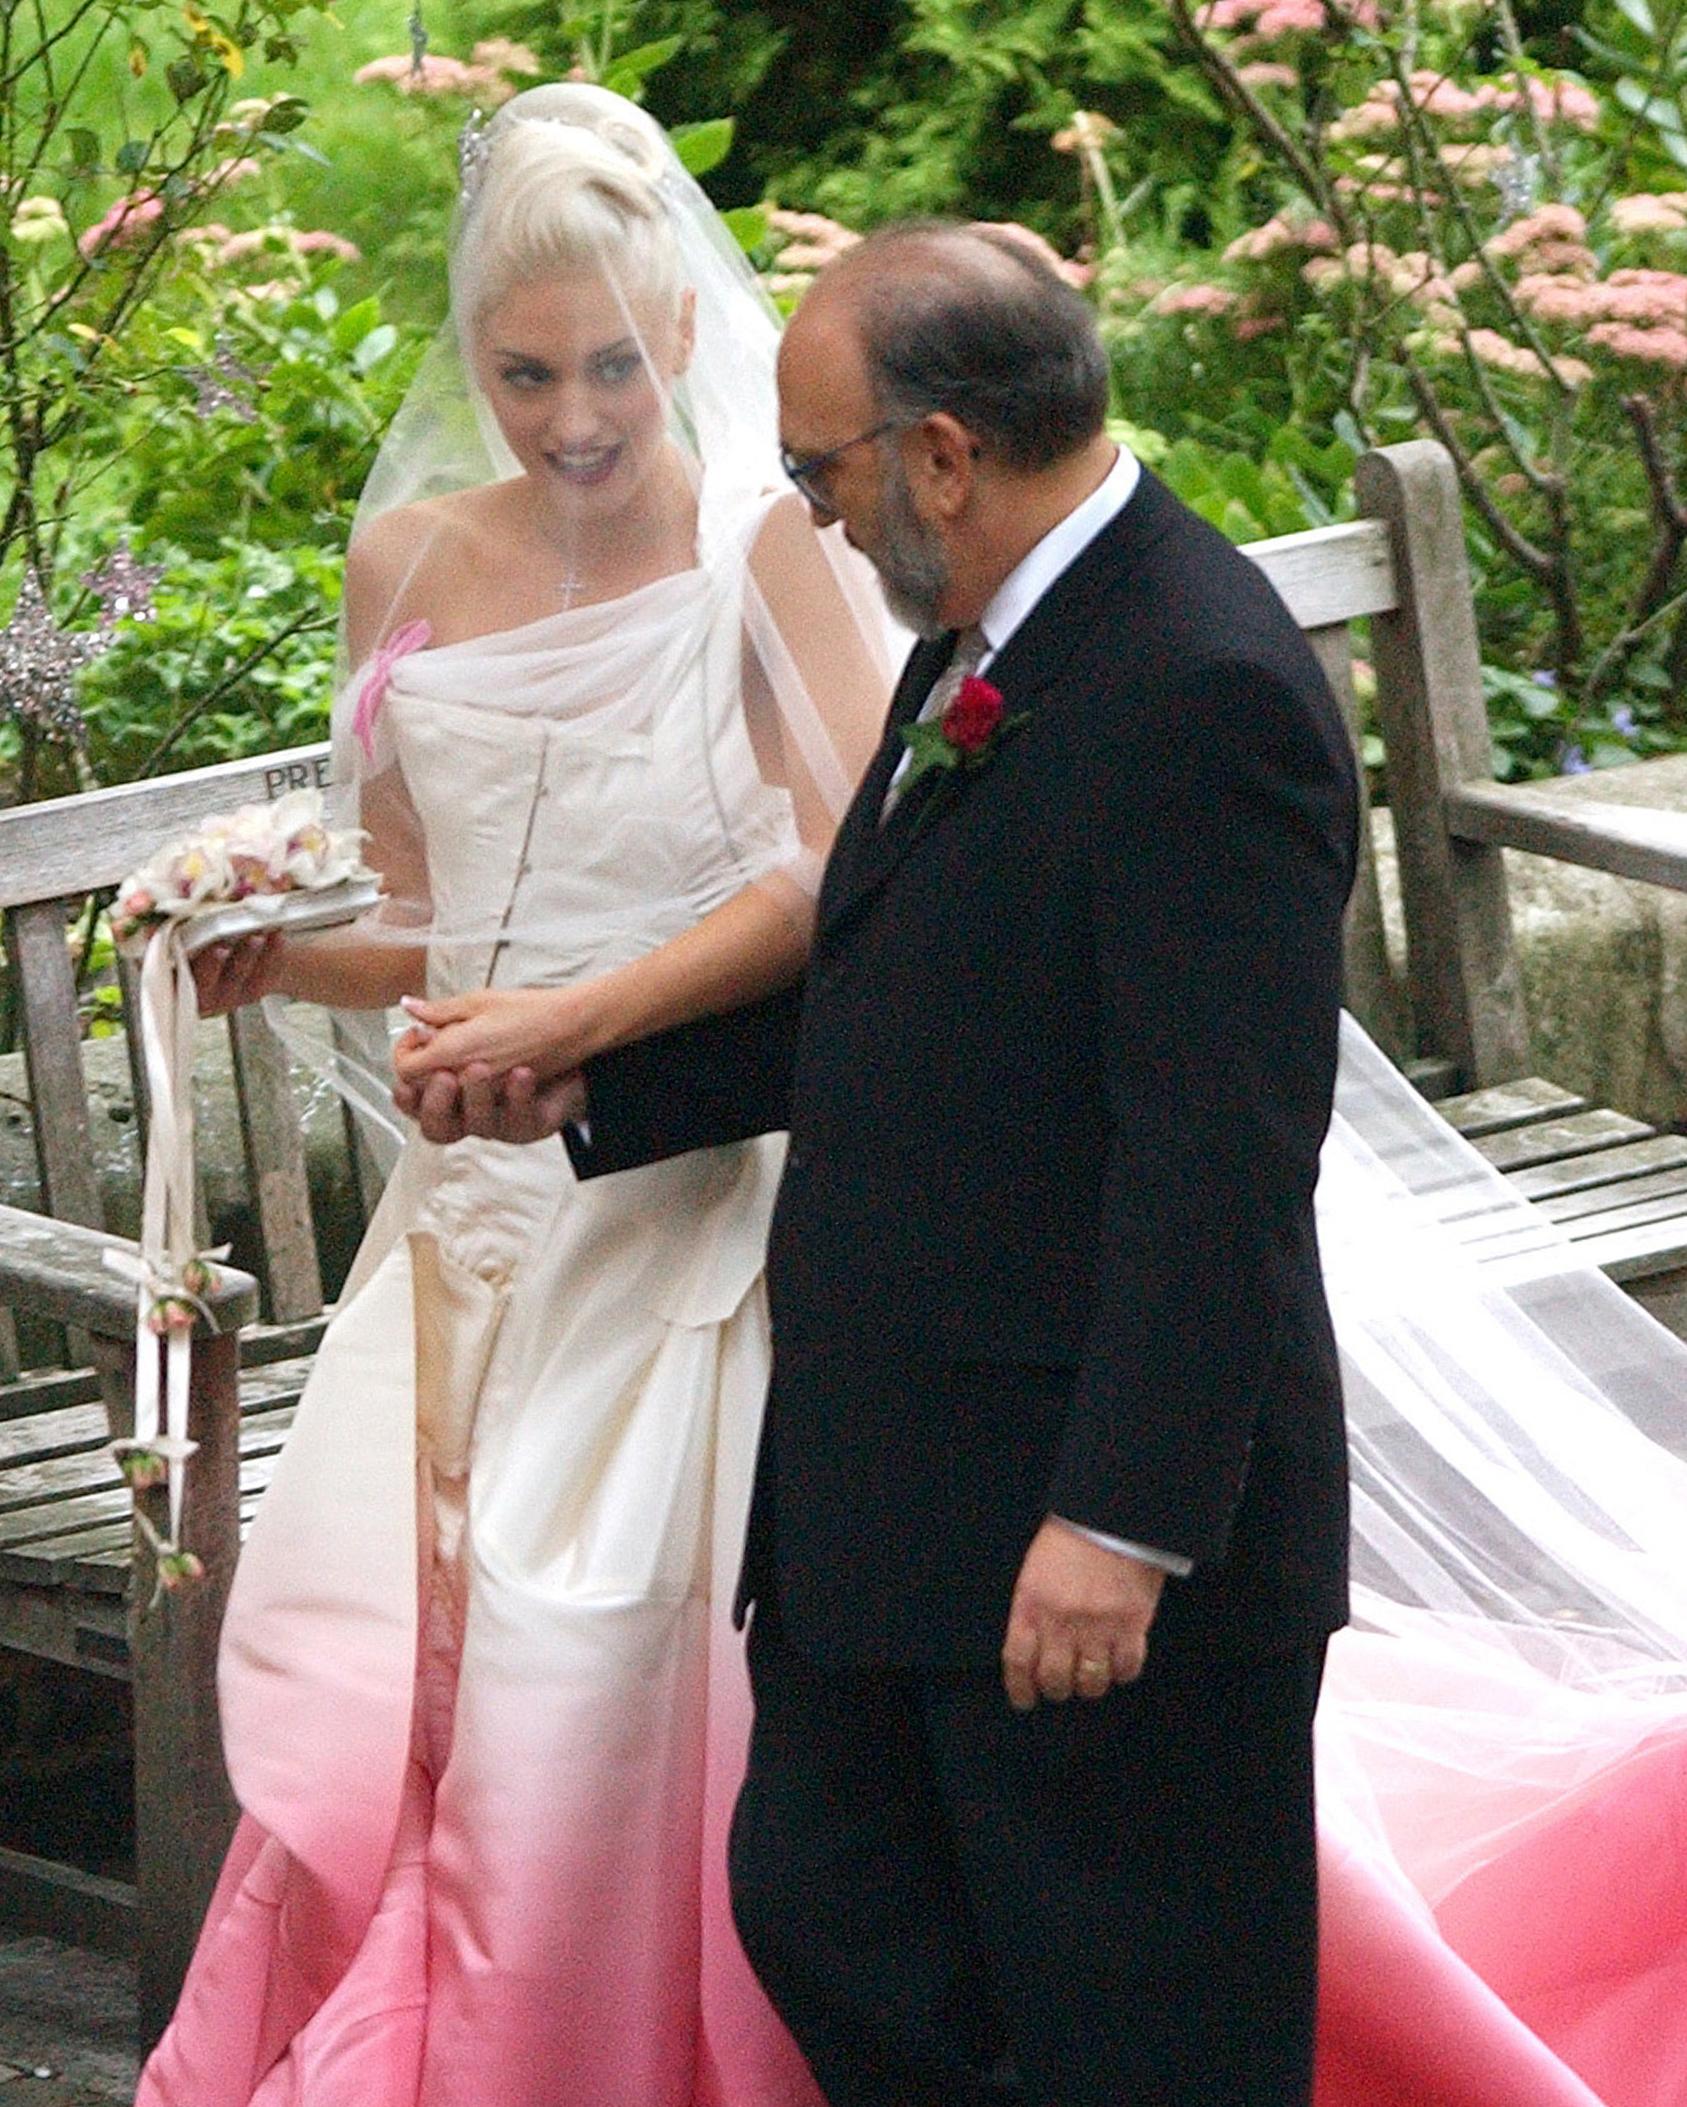 celebrity-brides-veils-gwen-stefani-gavin-rossdale-0615.jpg